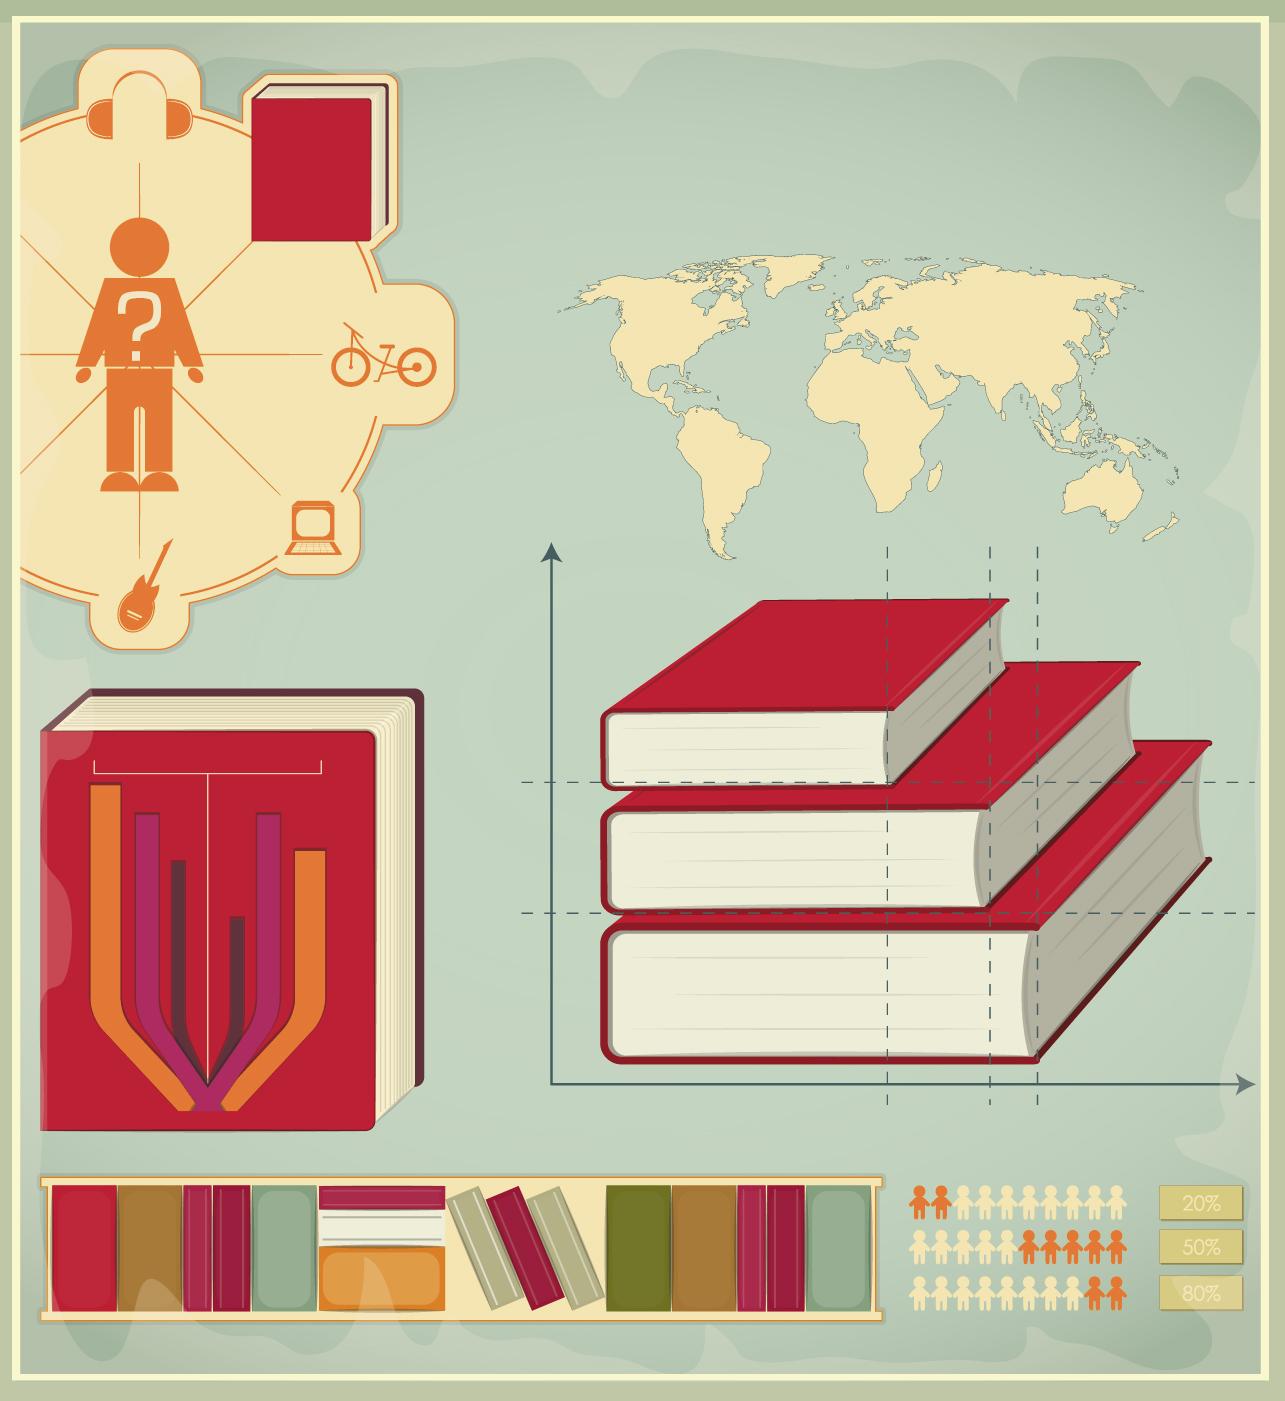 Este es un llamamiento urgente a las bibliotecas del mundo. Necesitamos más poesía.